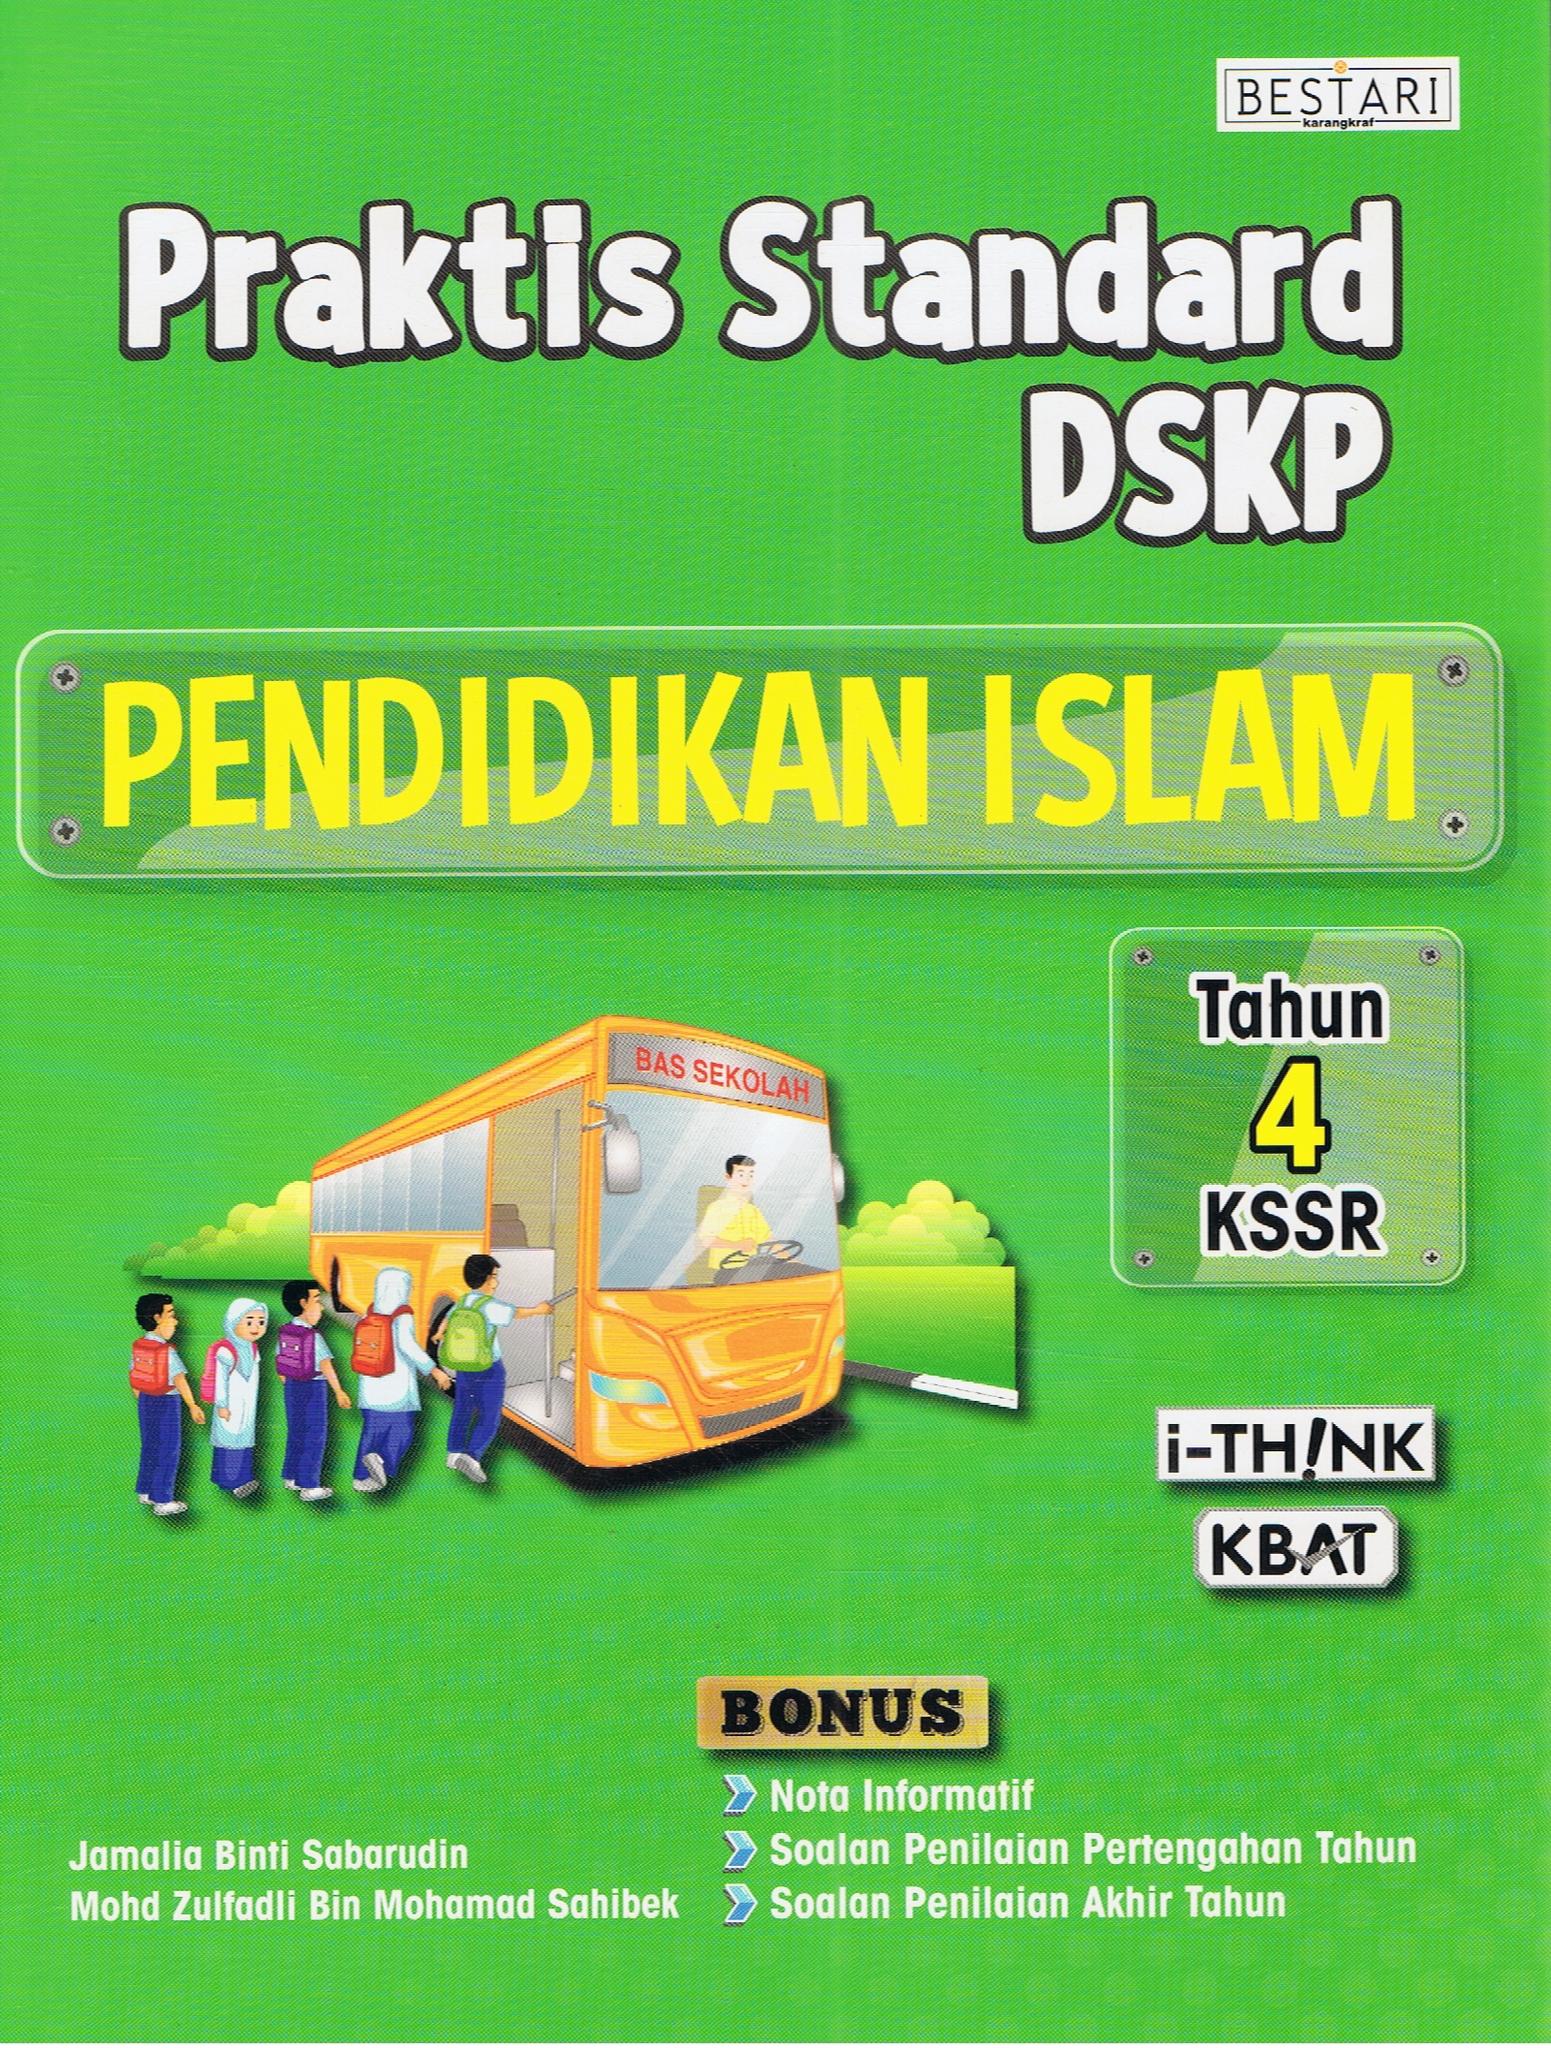 Download Dskp Pendidikan islam Tahun 4 Menarik Praktis Standard Dskp Pendidikan islam Tahun 4 Bukudbp Com Of Muat Turun Dskp Pendidikan islam Tahun 4 Yang Hebat Khas Untuk Ibubapa Cetakkan